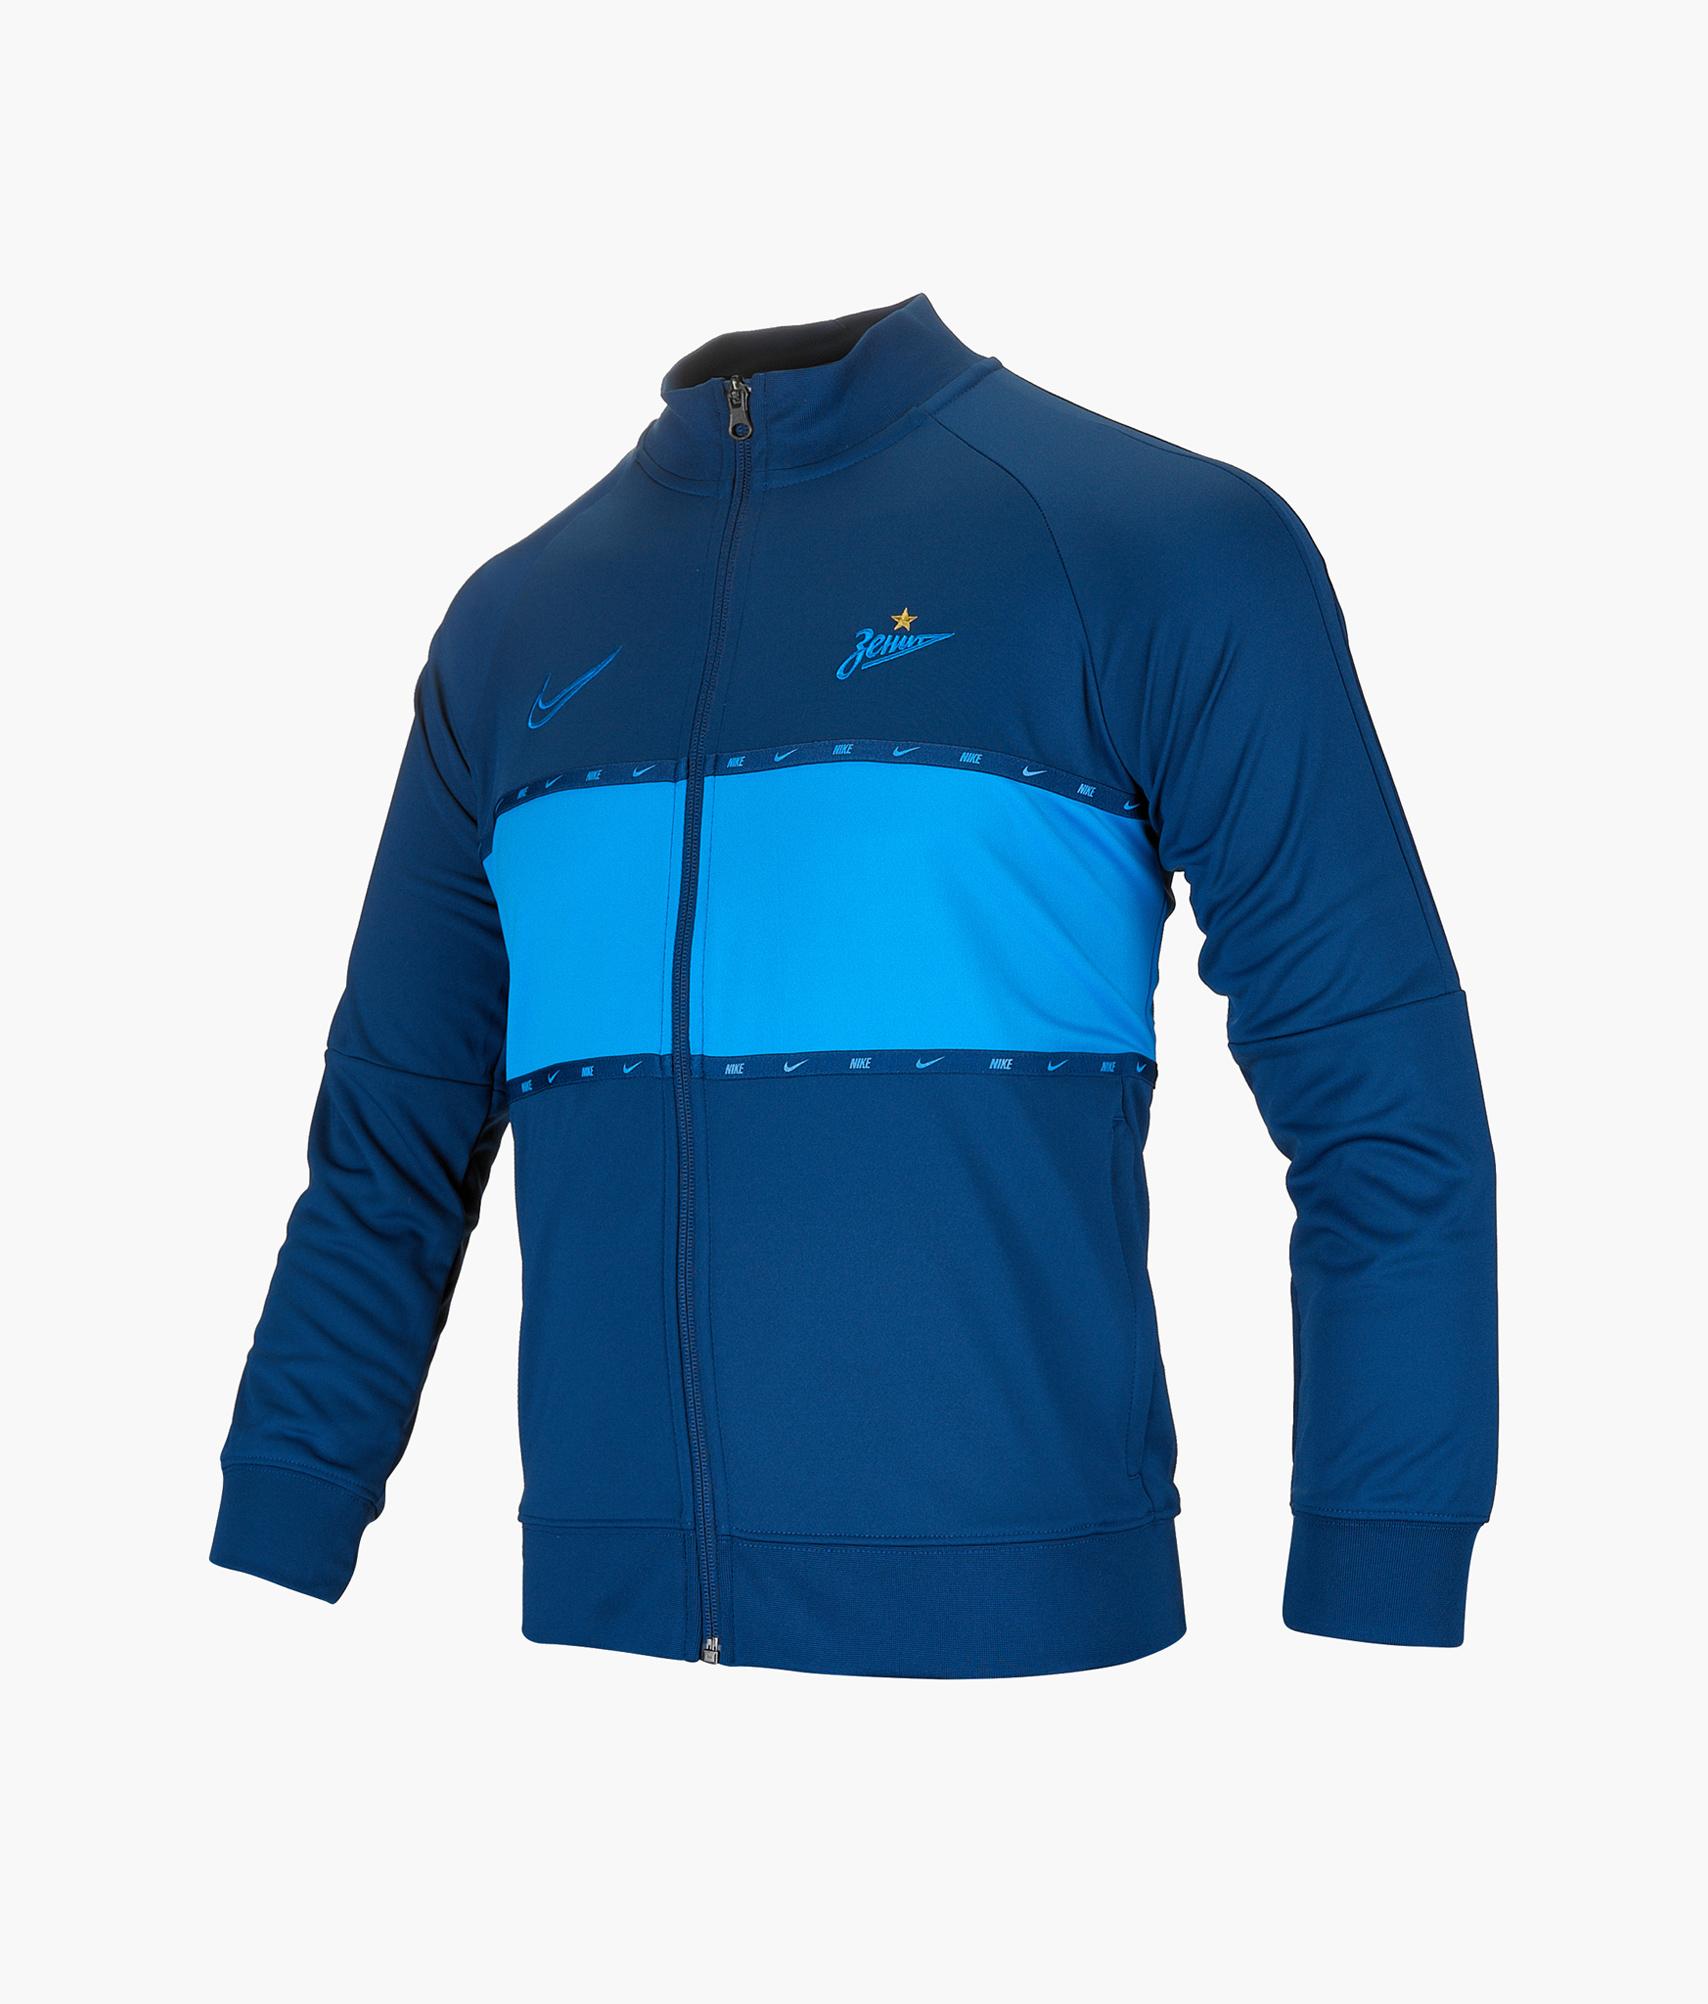 Олимпийка подростковая Nike Цвет-Синий